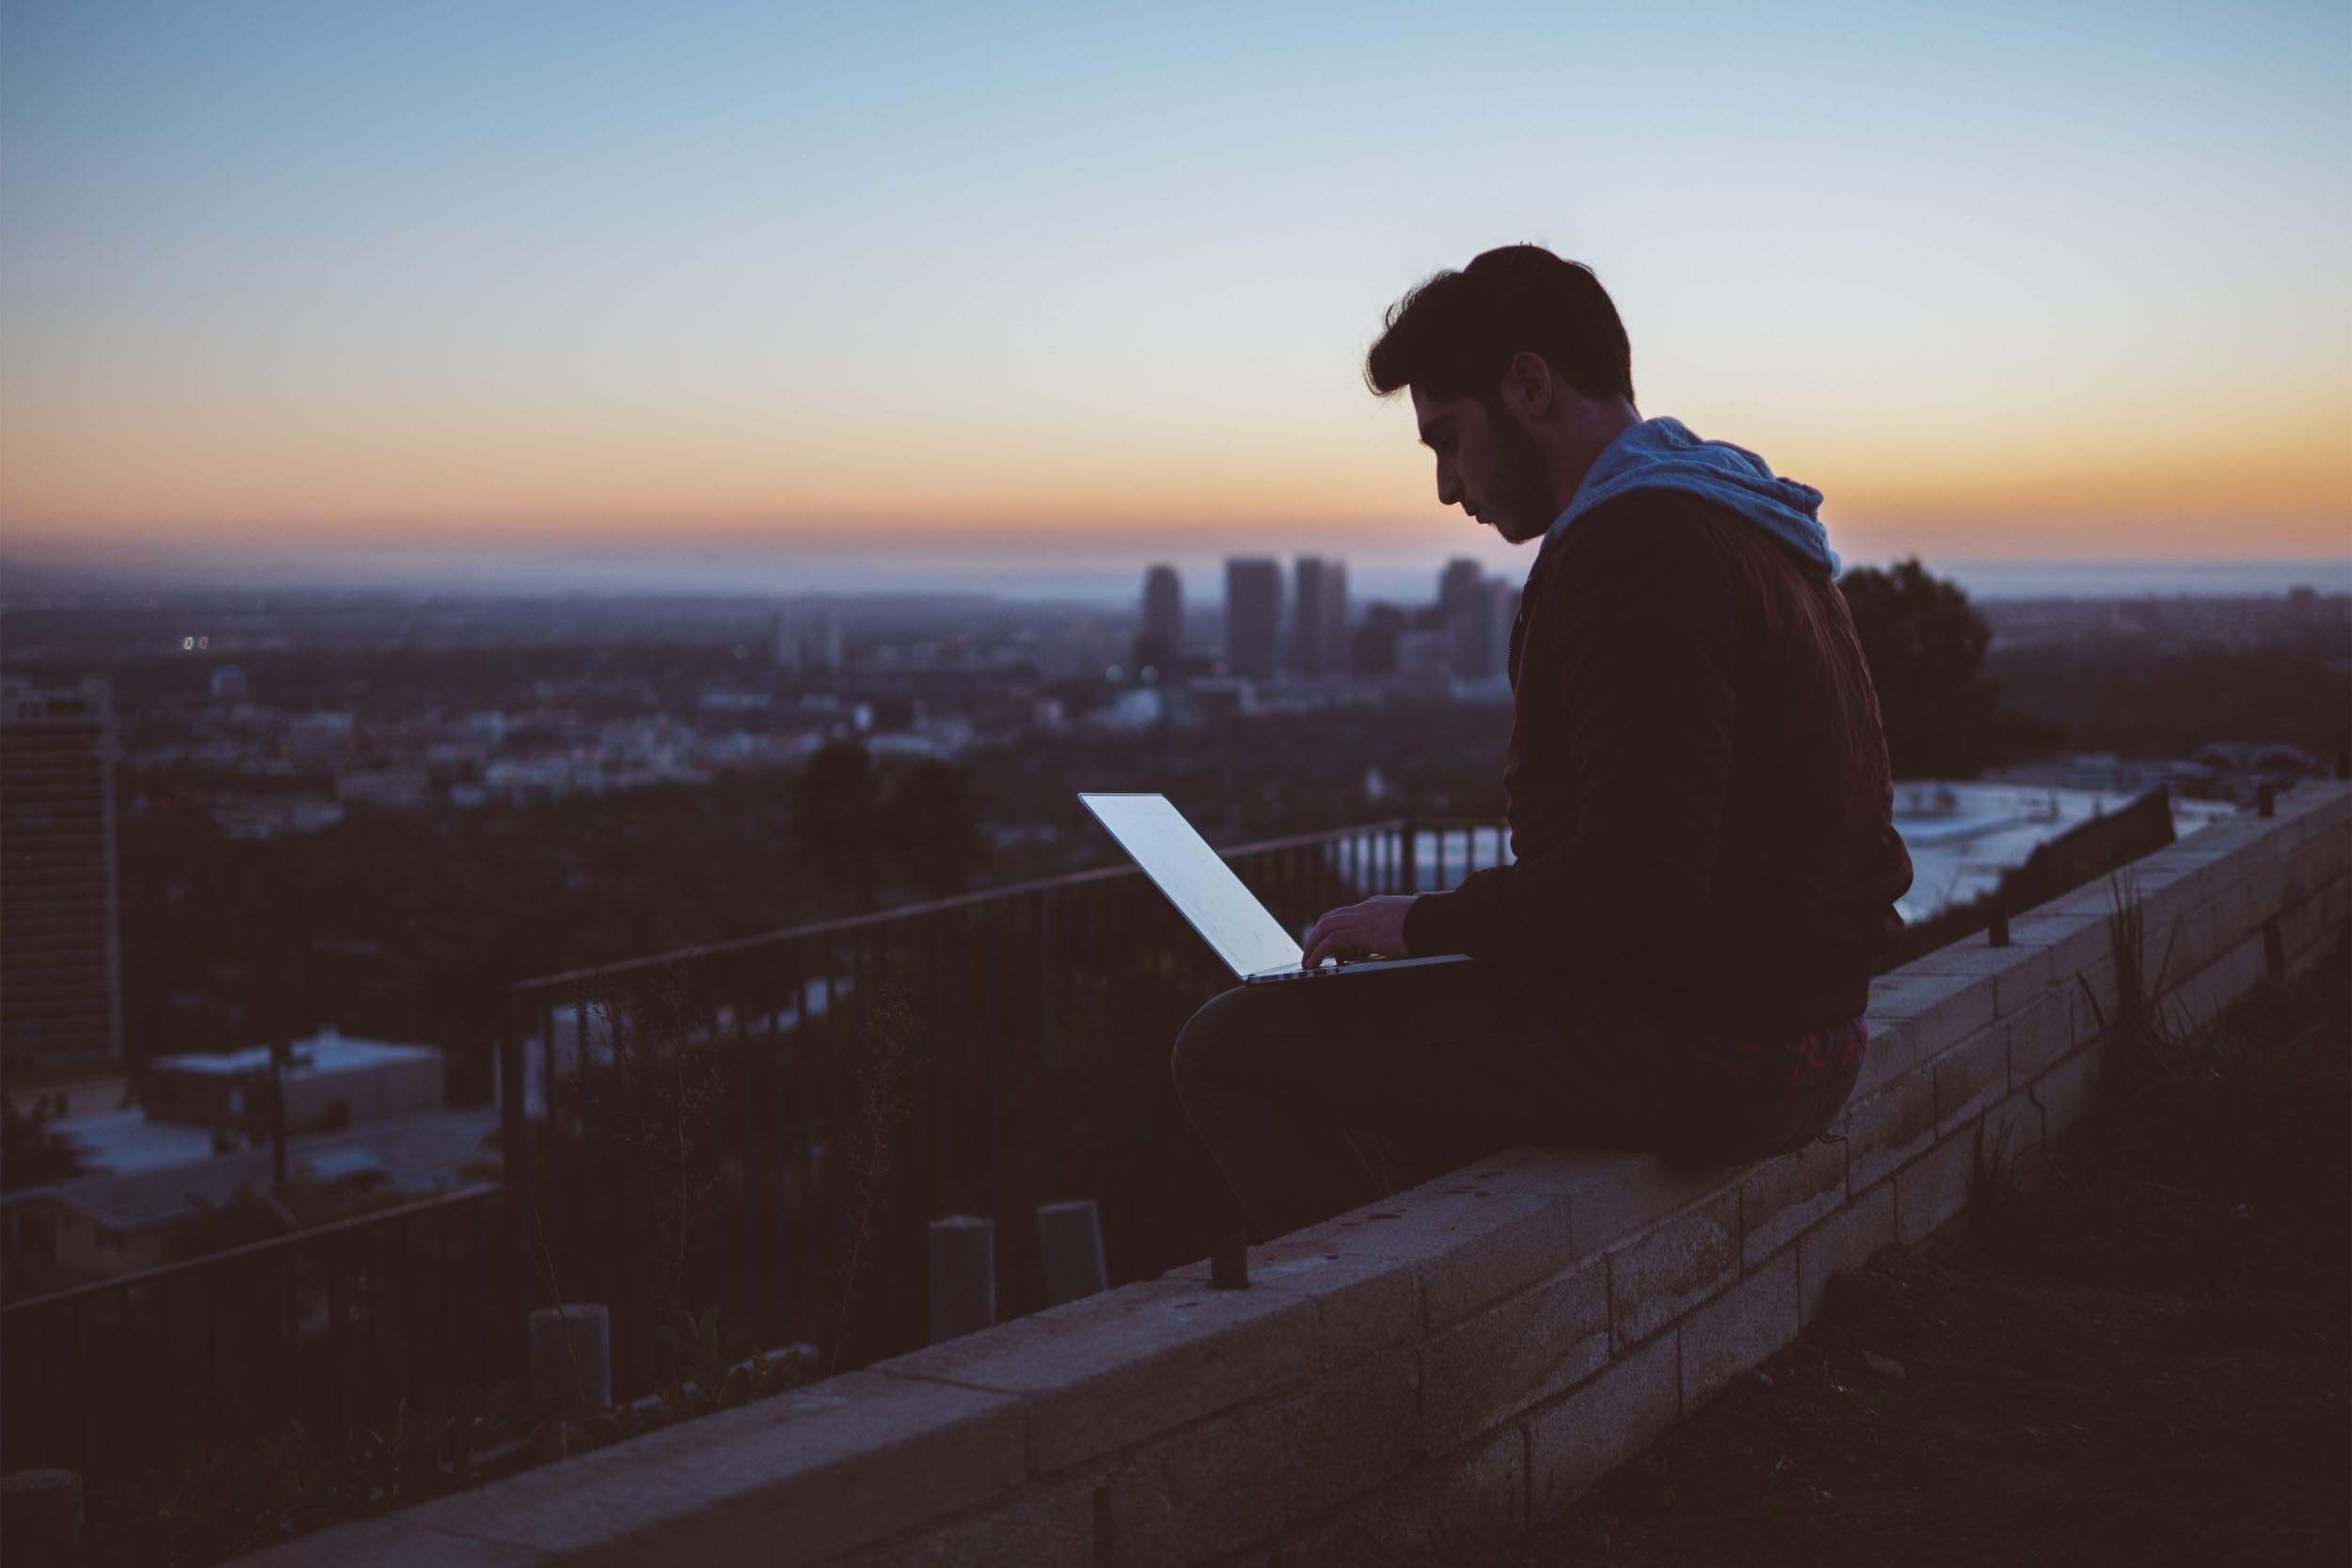 Aprendizaje en tiempo real: bases para lograrlo exitosamente